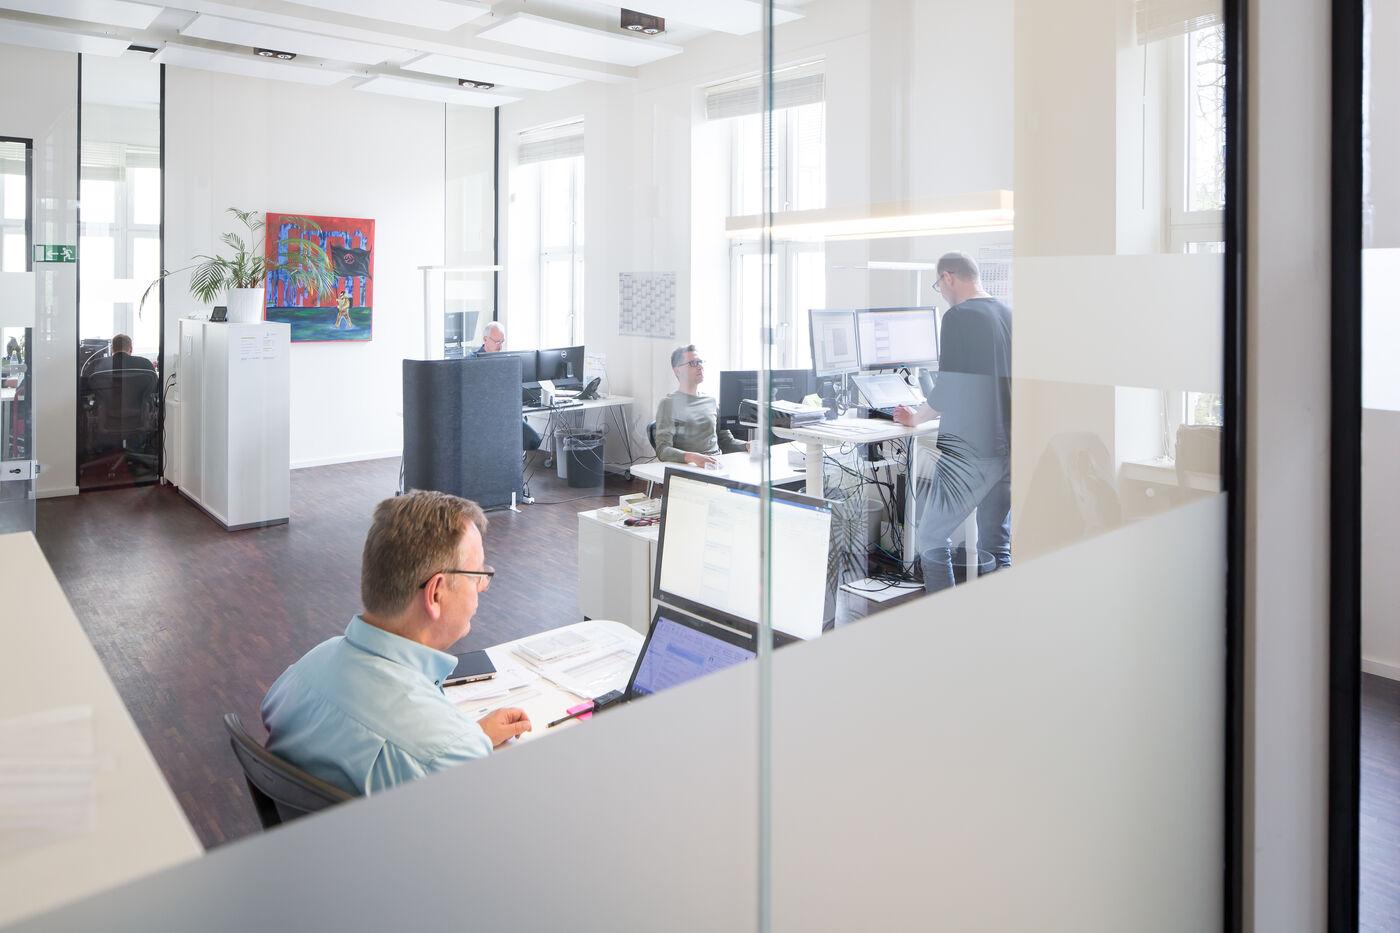 IT-System-Kaufmann (m/w/d) als Mitarbeiter im Projektmanagement in Vollzeit am Firmensitz in Witten - Job Witten - Crosscan Jobs